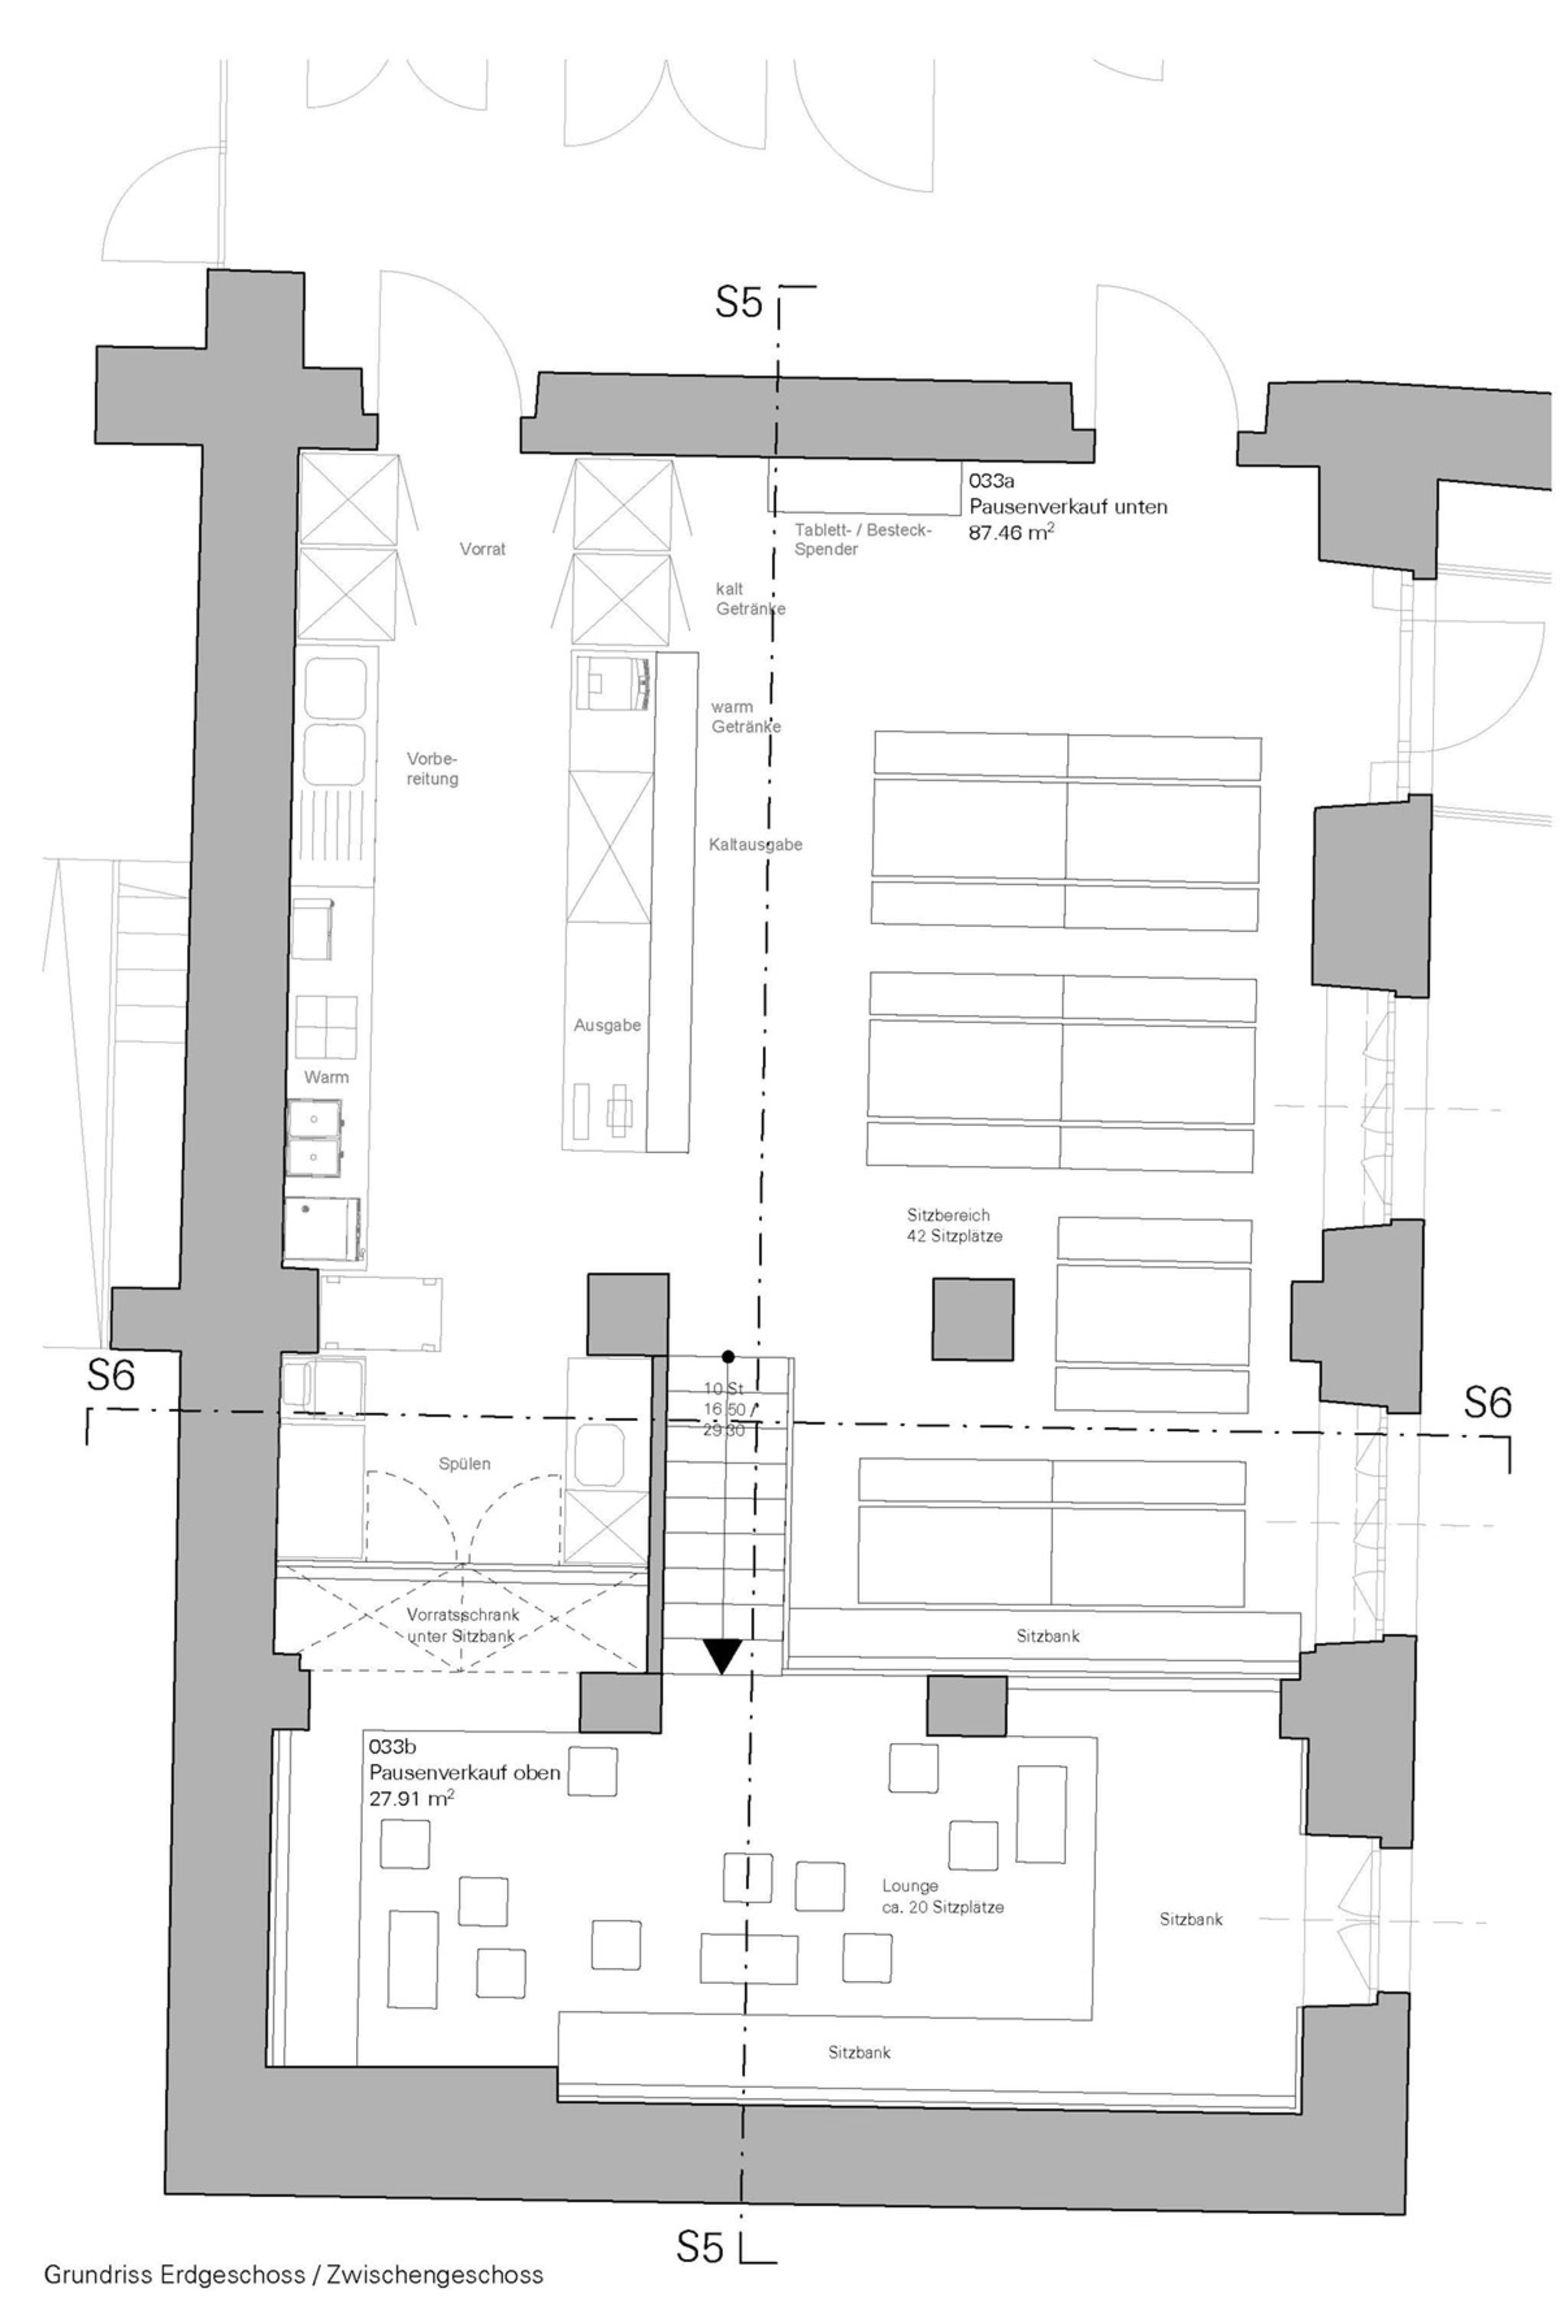 Grundriss Erdgeschoss  Zwischengeschoss